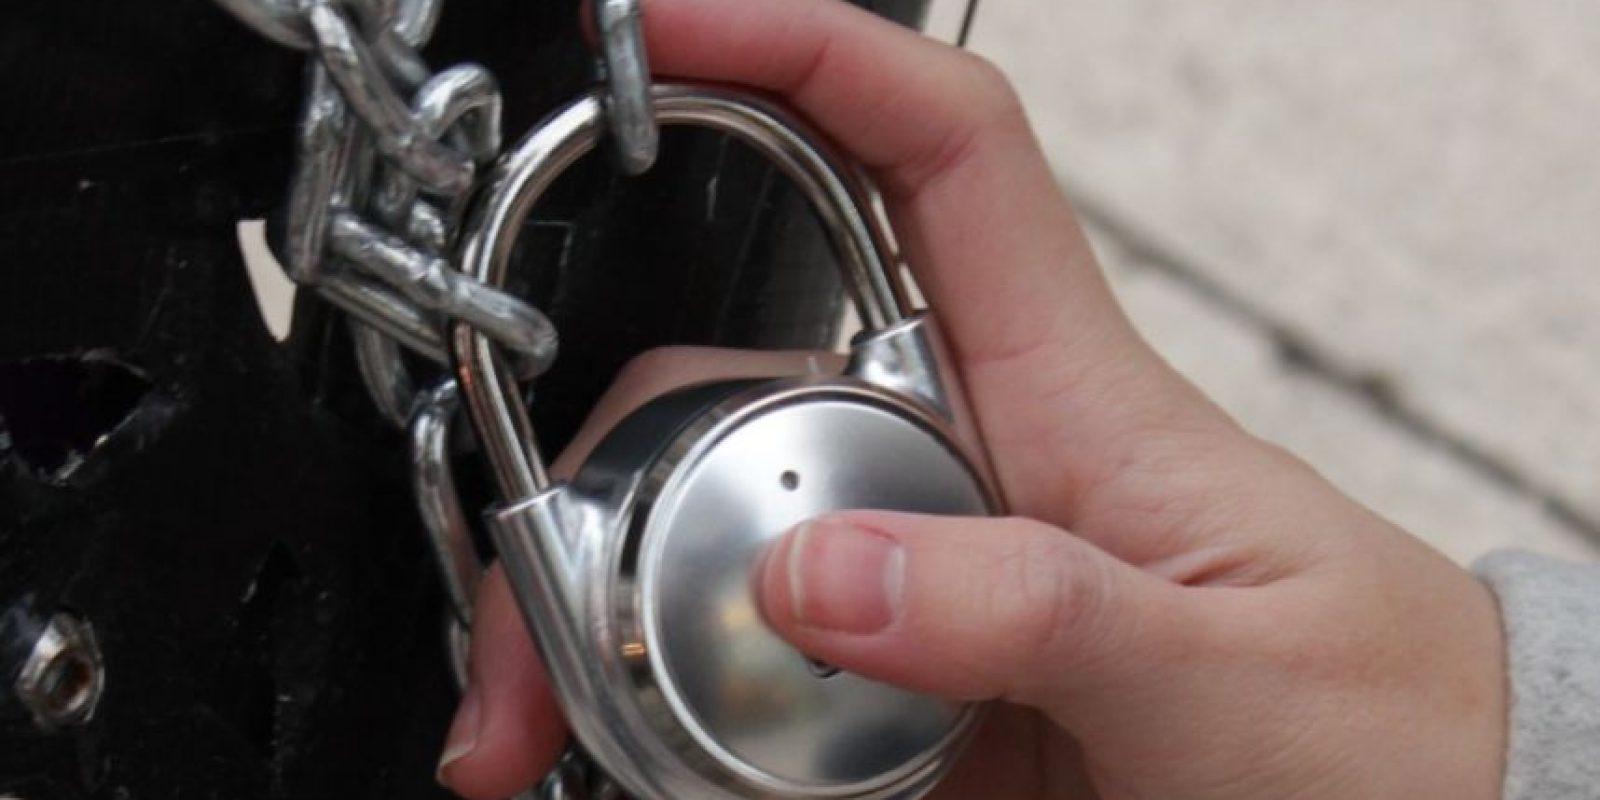 TappLock Foto:El candado TappLock utiliza tu huella dactilar para mantener tus pertenencias a salvo.